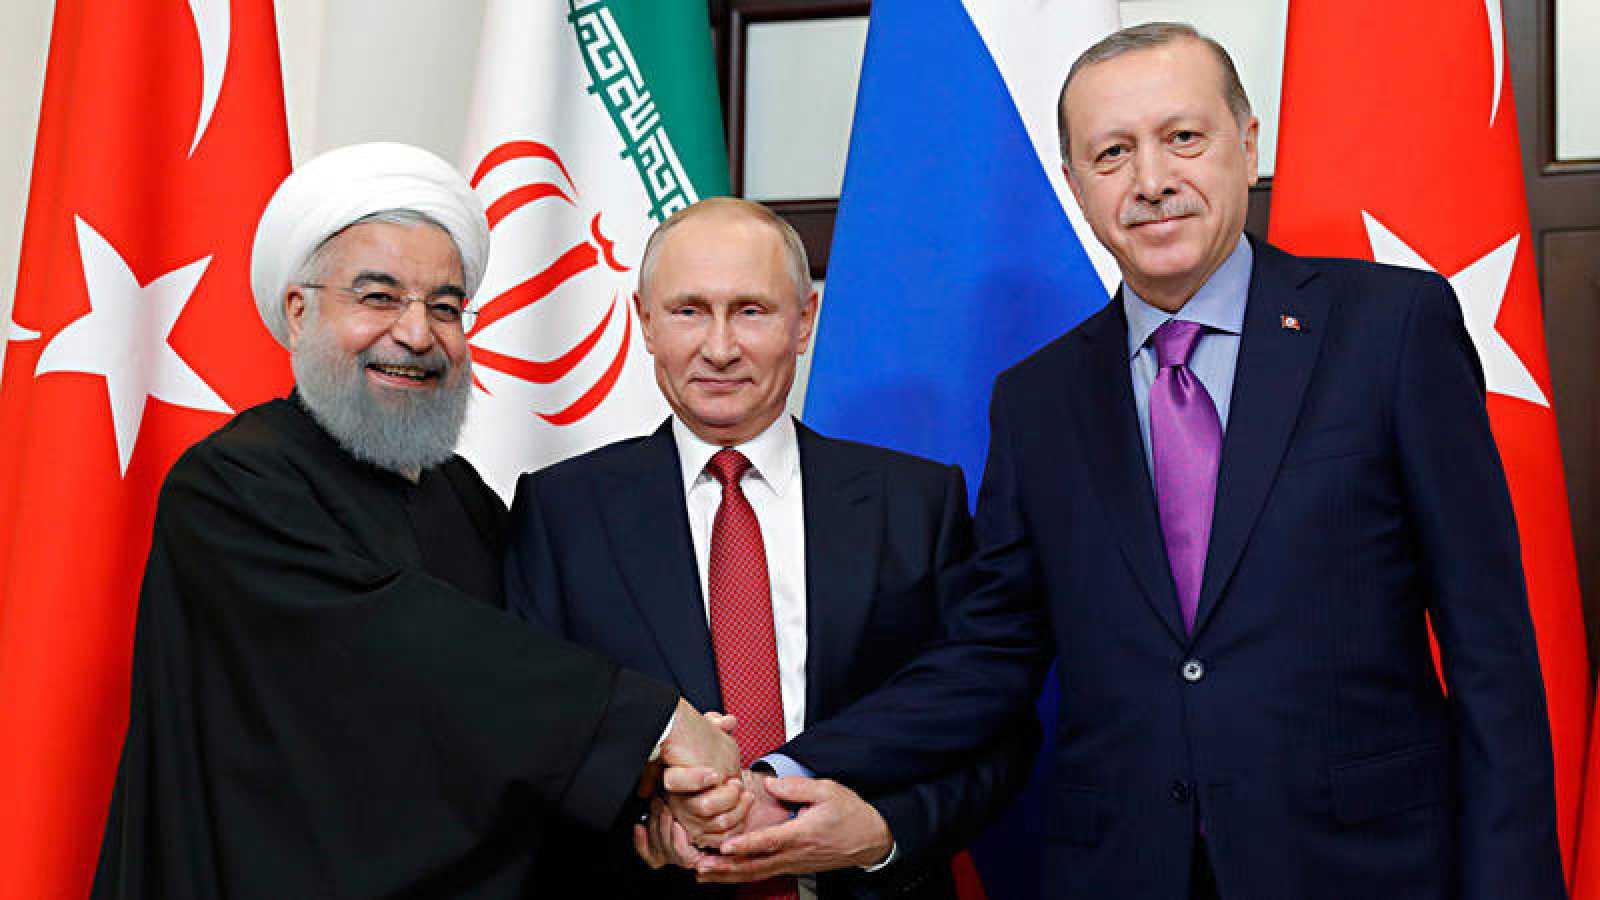 Los presidentes de Irán, Hasan Rohani, Rusia, Vladímir Putin, y Turquía, Recep Tayyip Erdogan, en la cumbre de Sochi